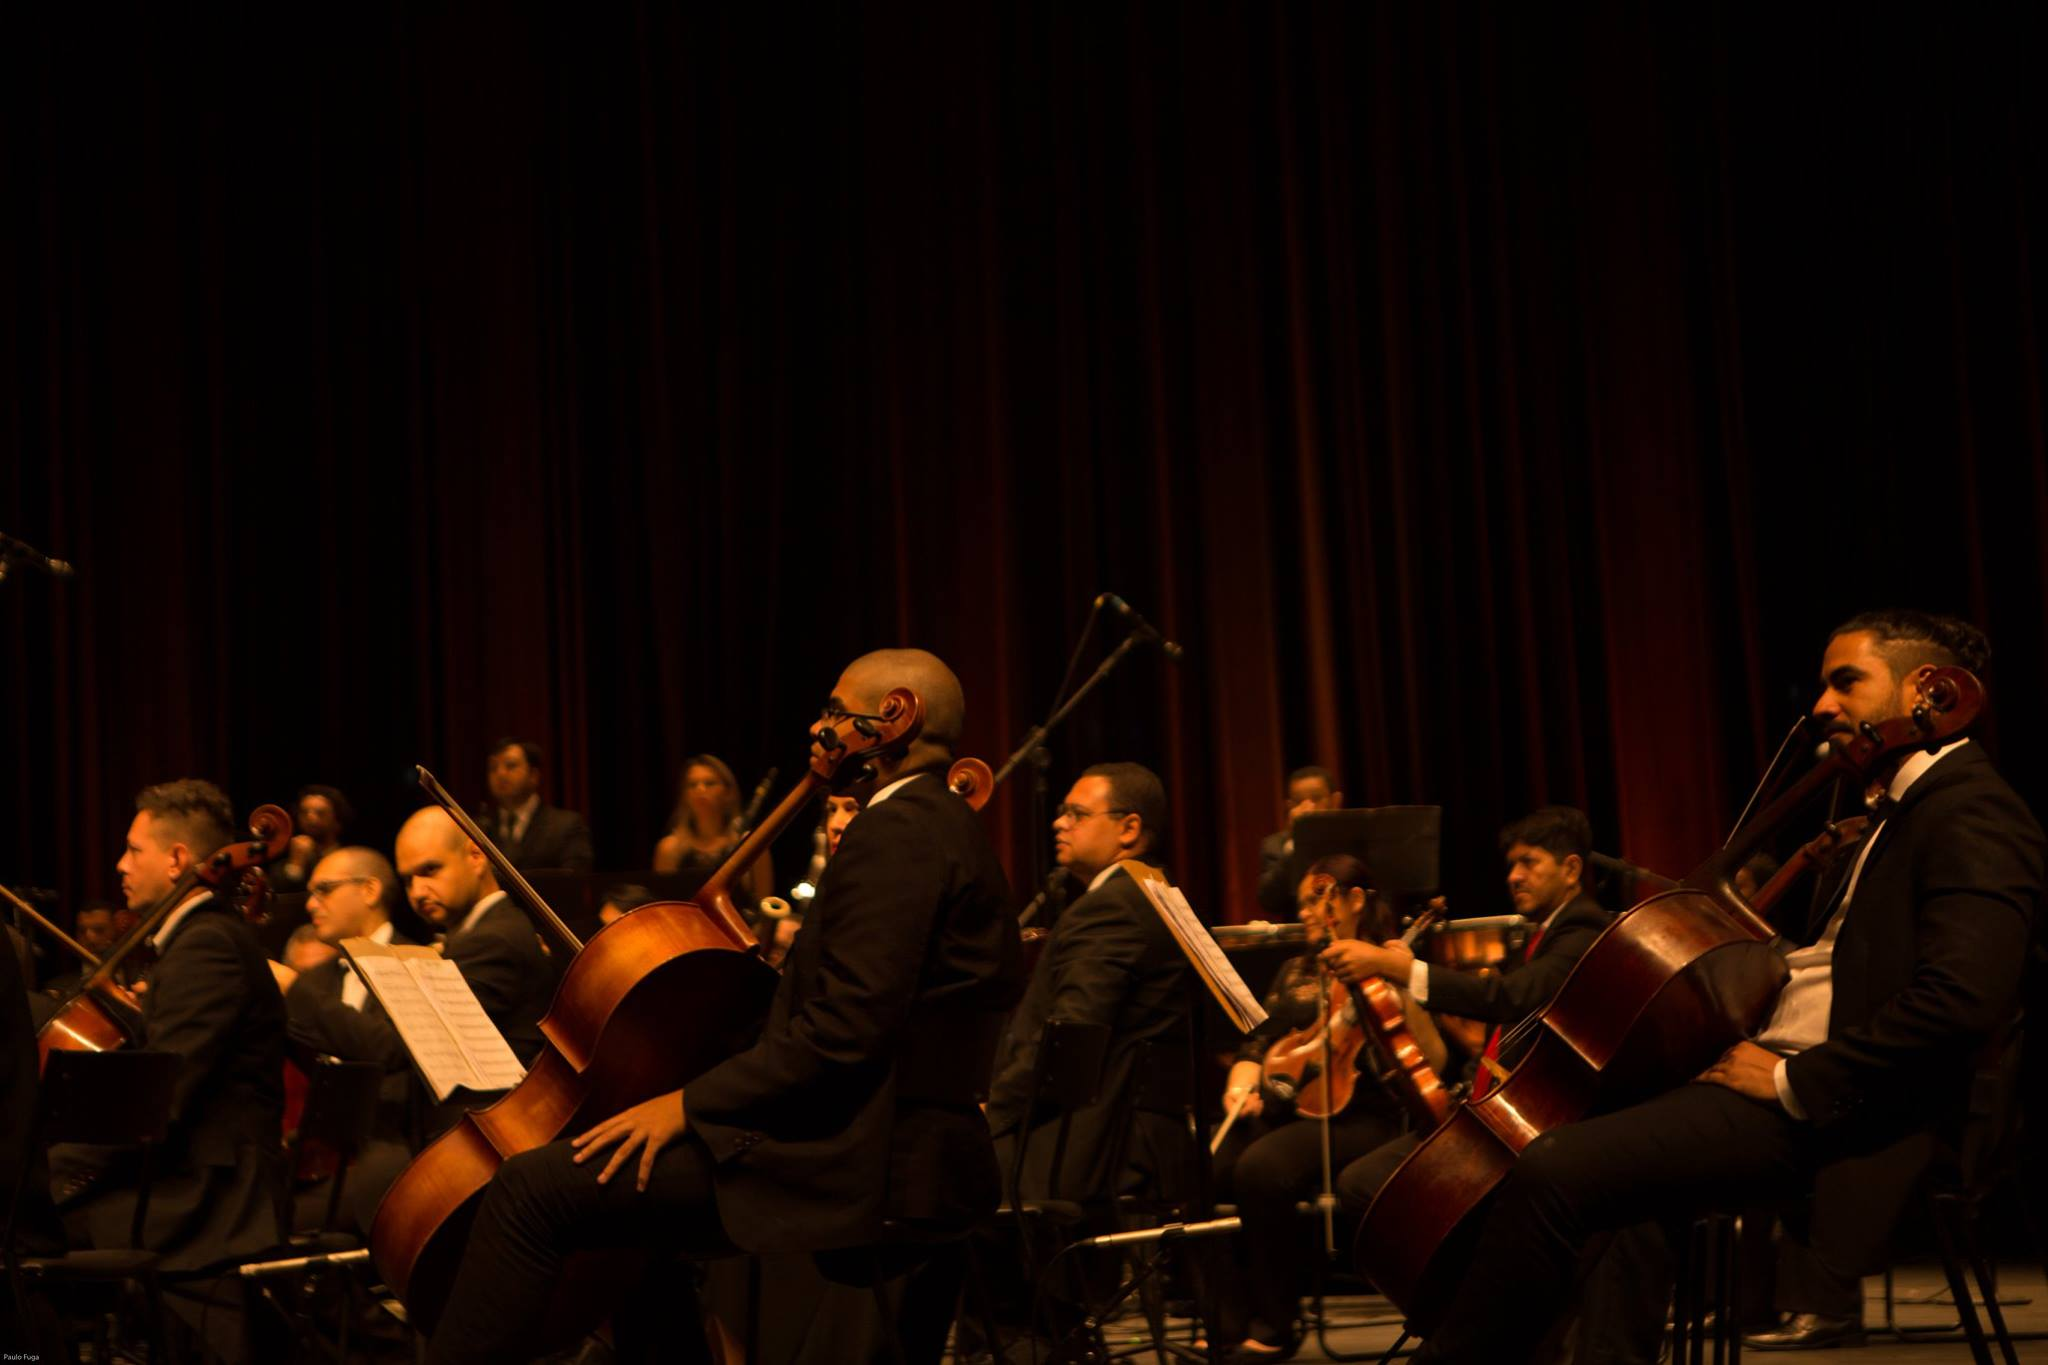 Dica para feriadão: Assistir concerto gratuito da Orquestra Sinfônica do RN